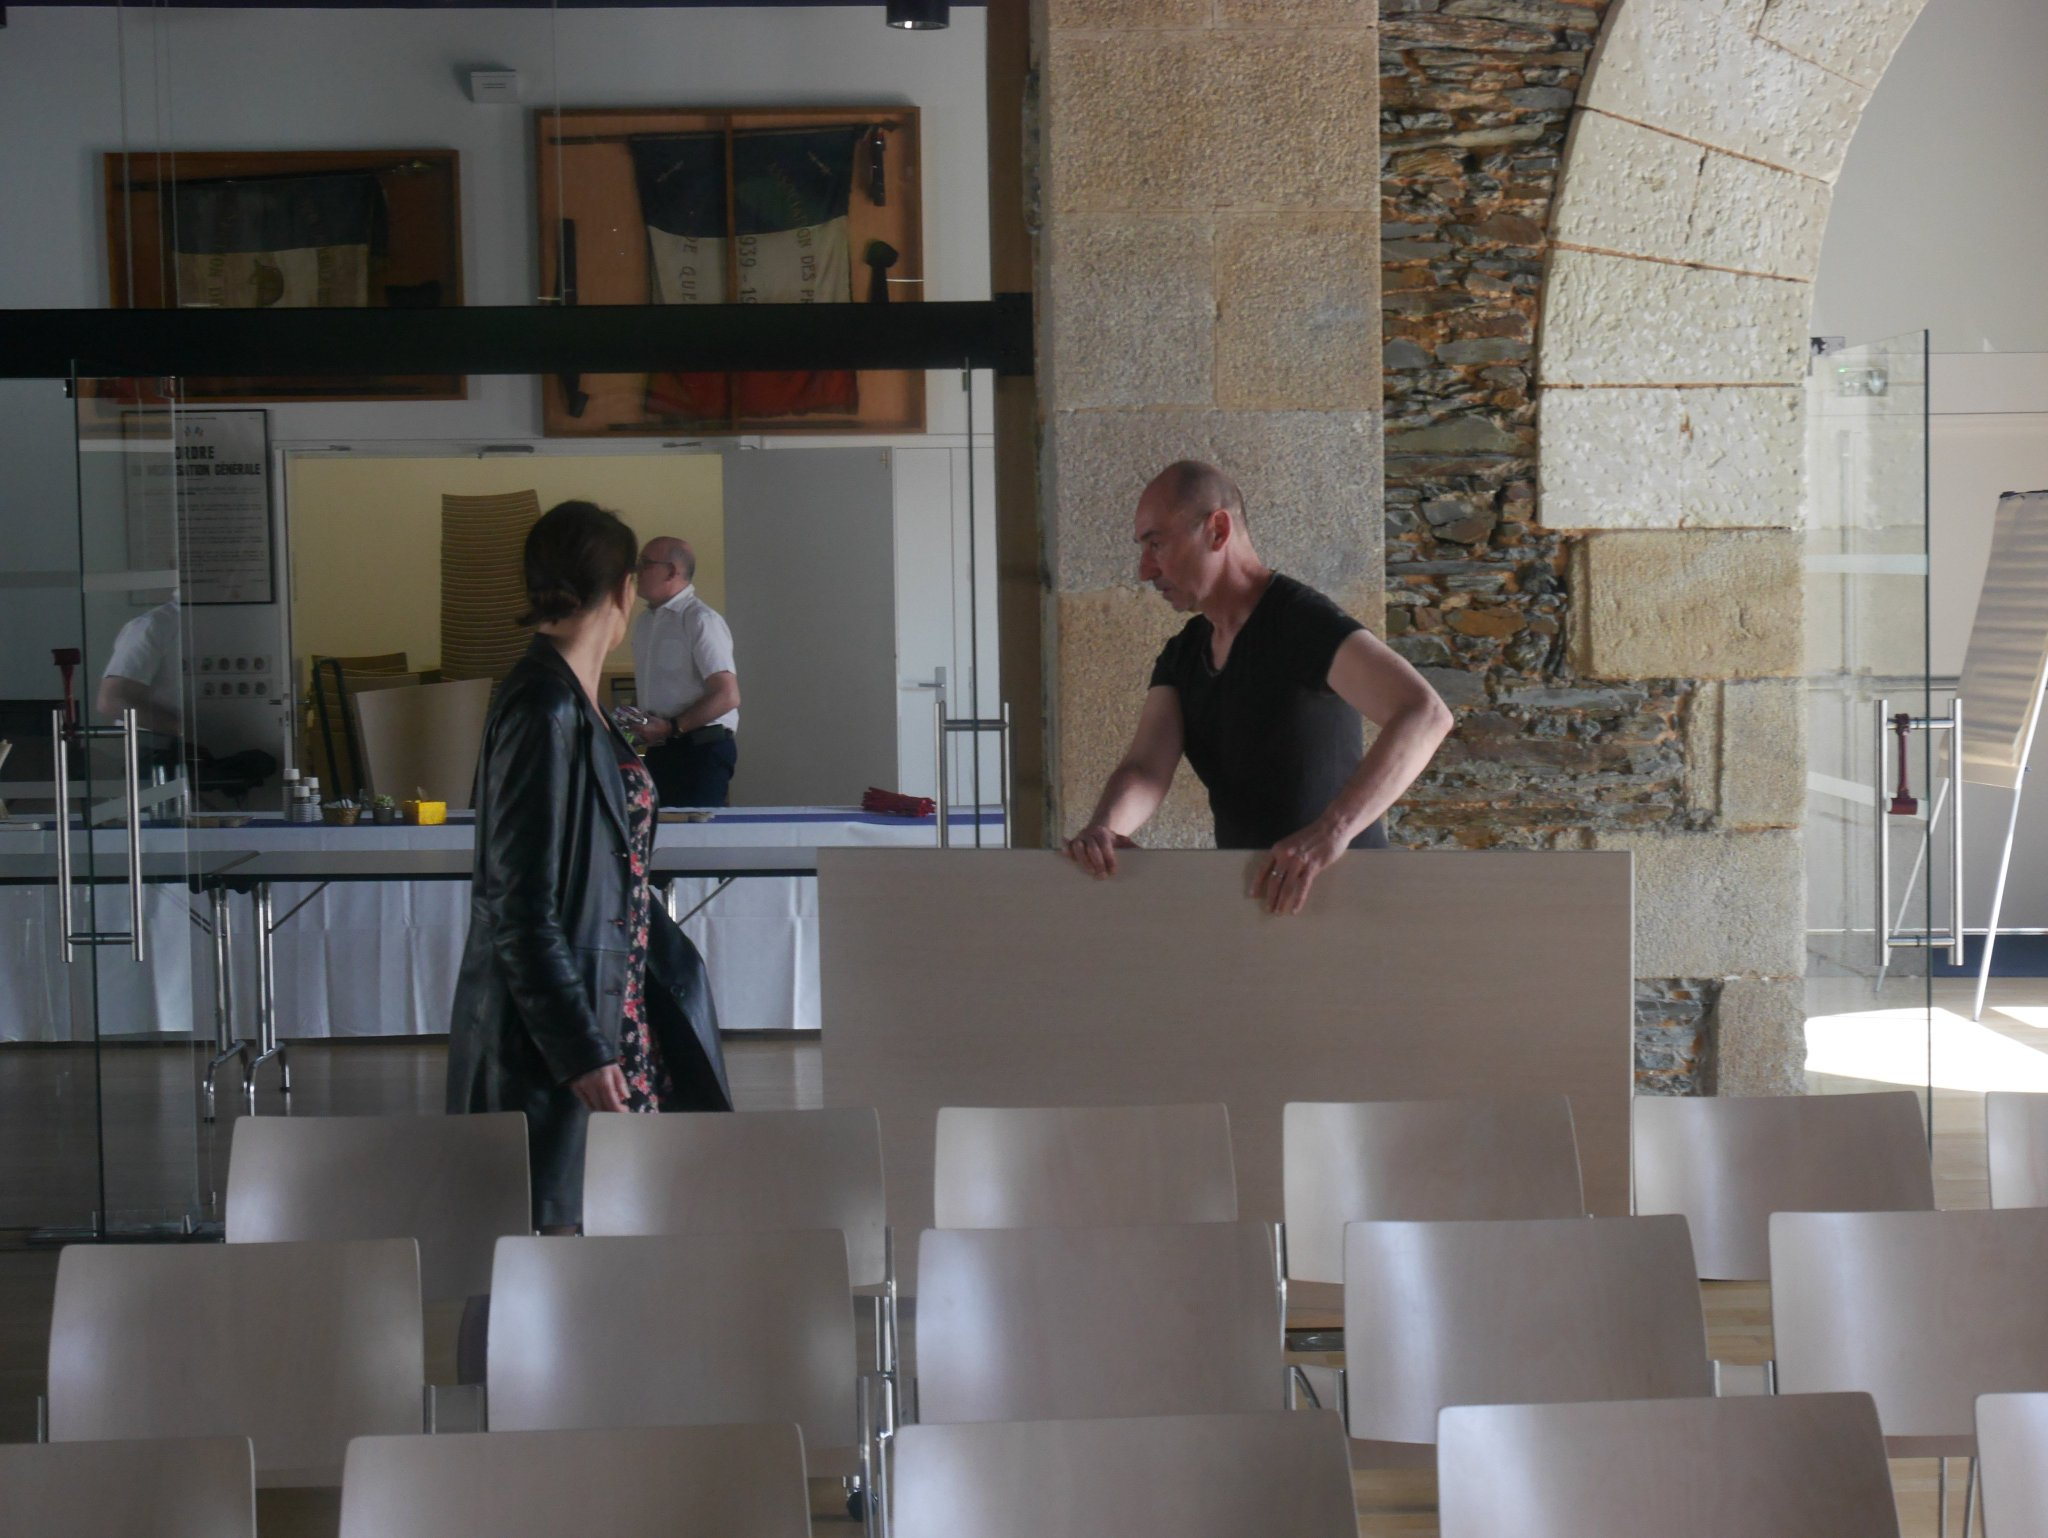 Equipe Retiss en action pour l'installation de la salle! @desfarges  #ateliersnumériques https://t.co/YfXFsbFDKK